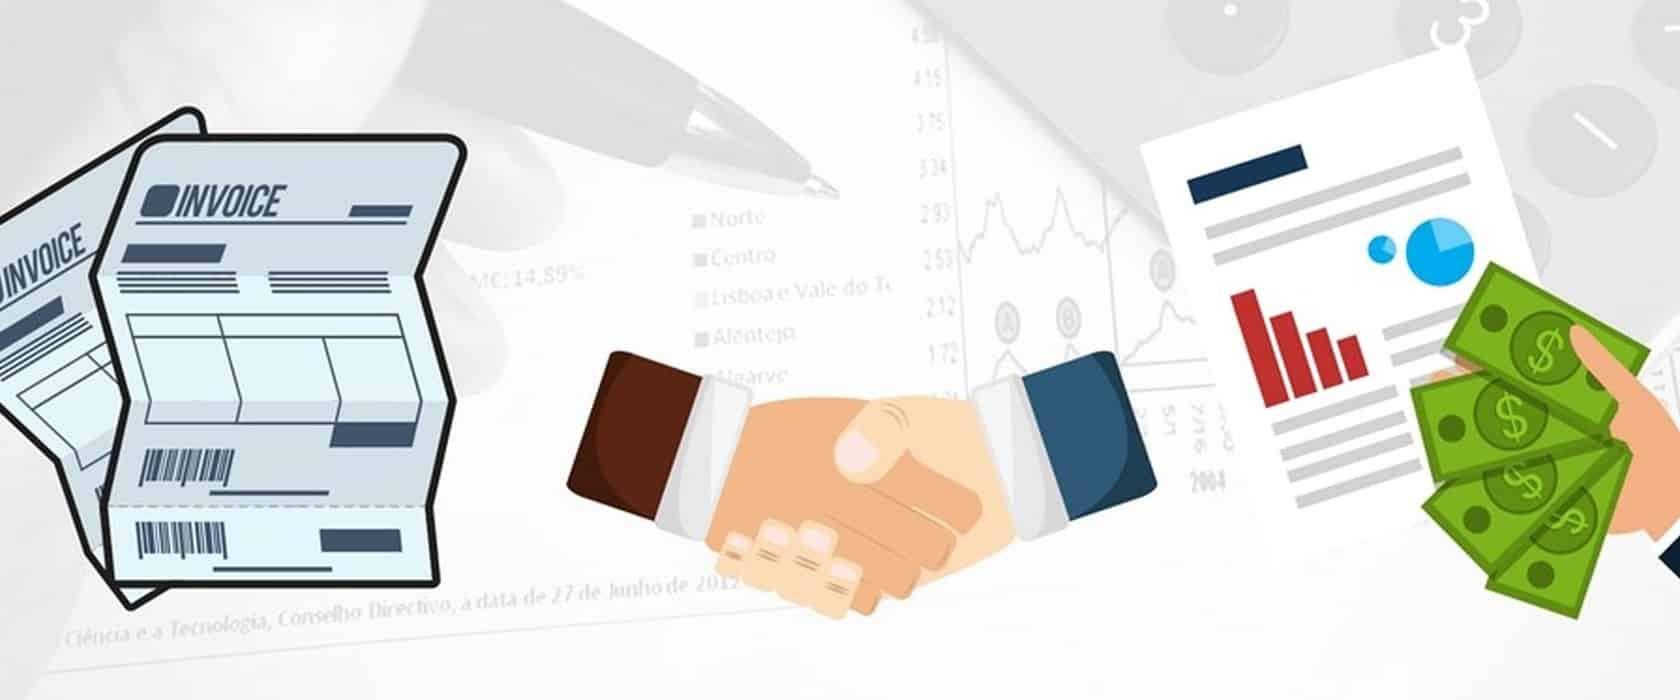 Finanziamento alle imprese finanziamento alle imprese - Finanziamenti alle imprese - Finanziamento alle imprese: consigli su come ottenere un prestito